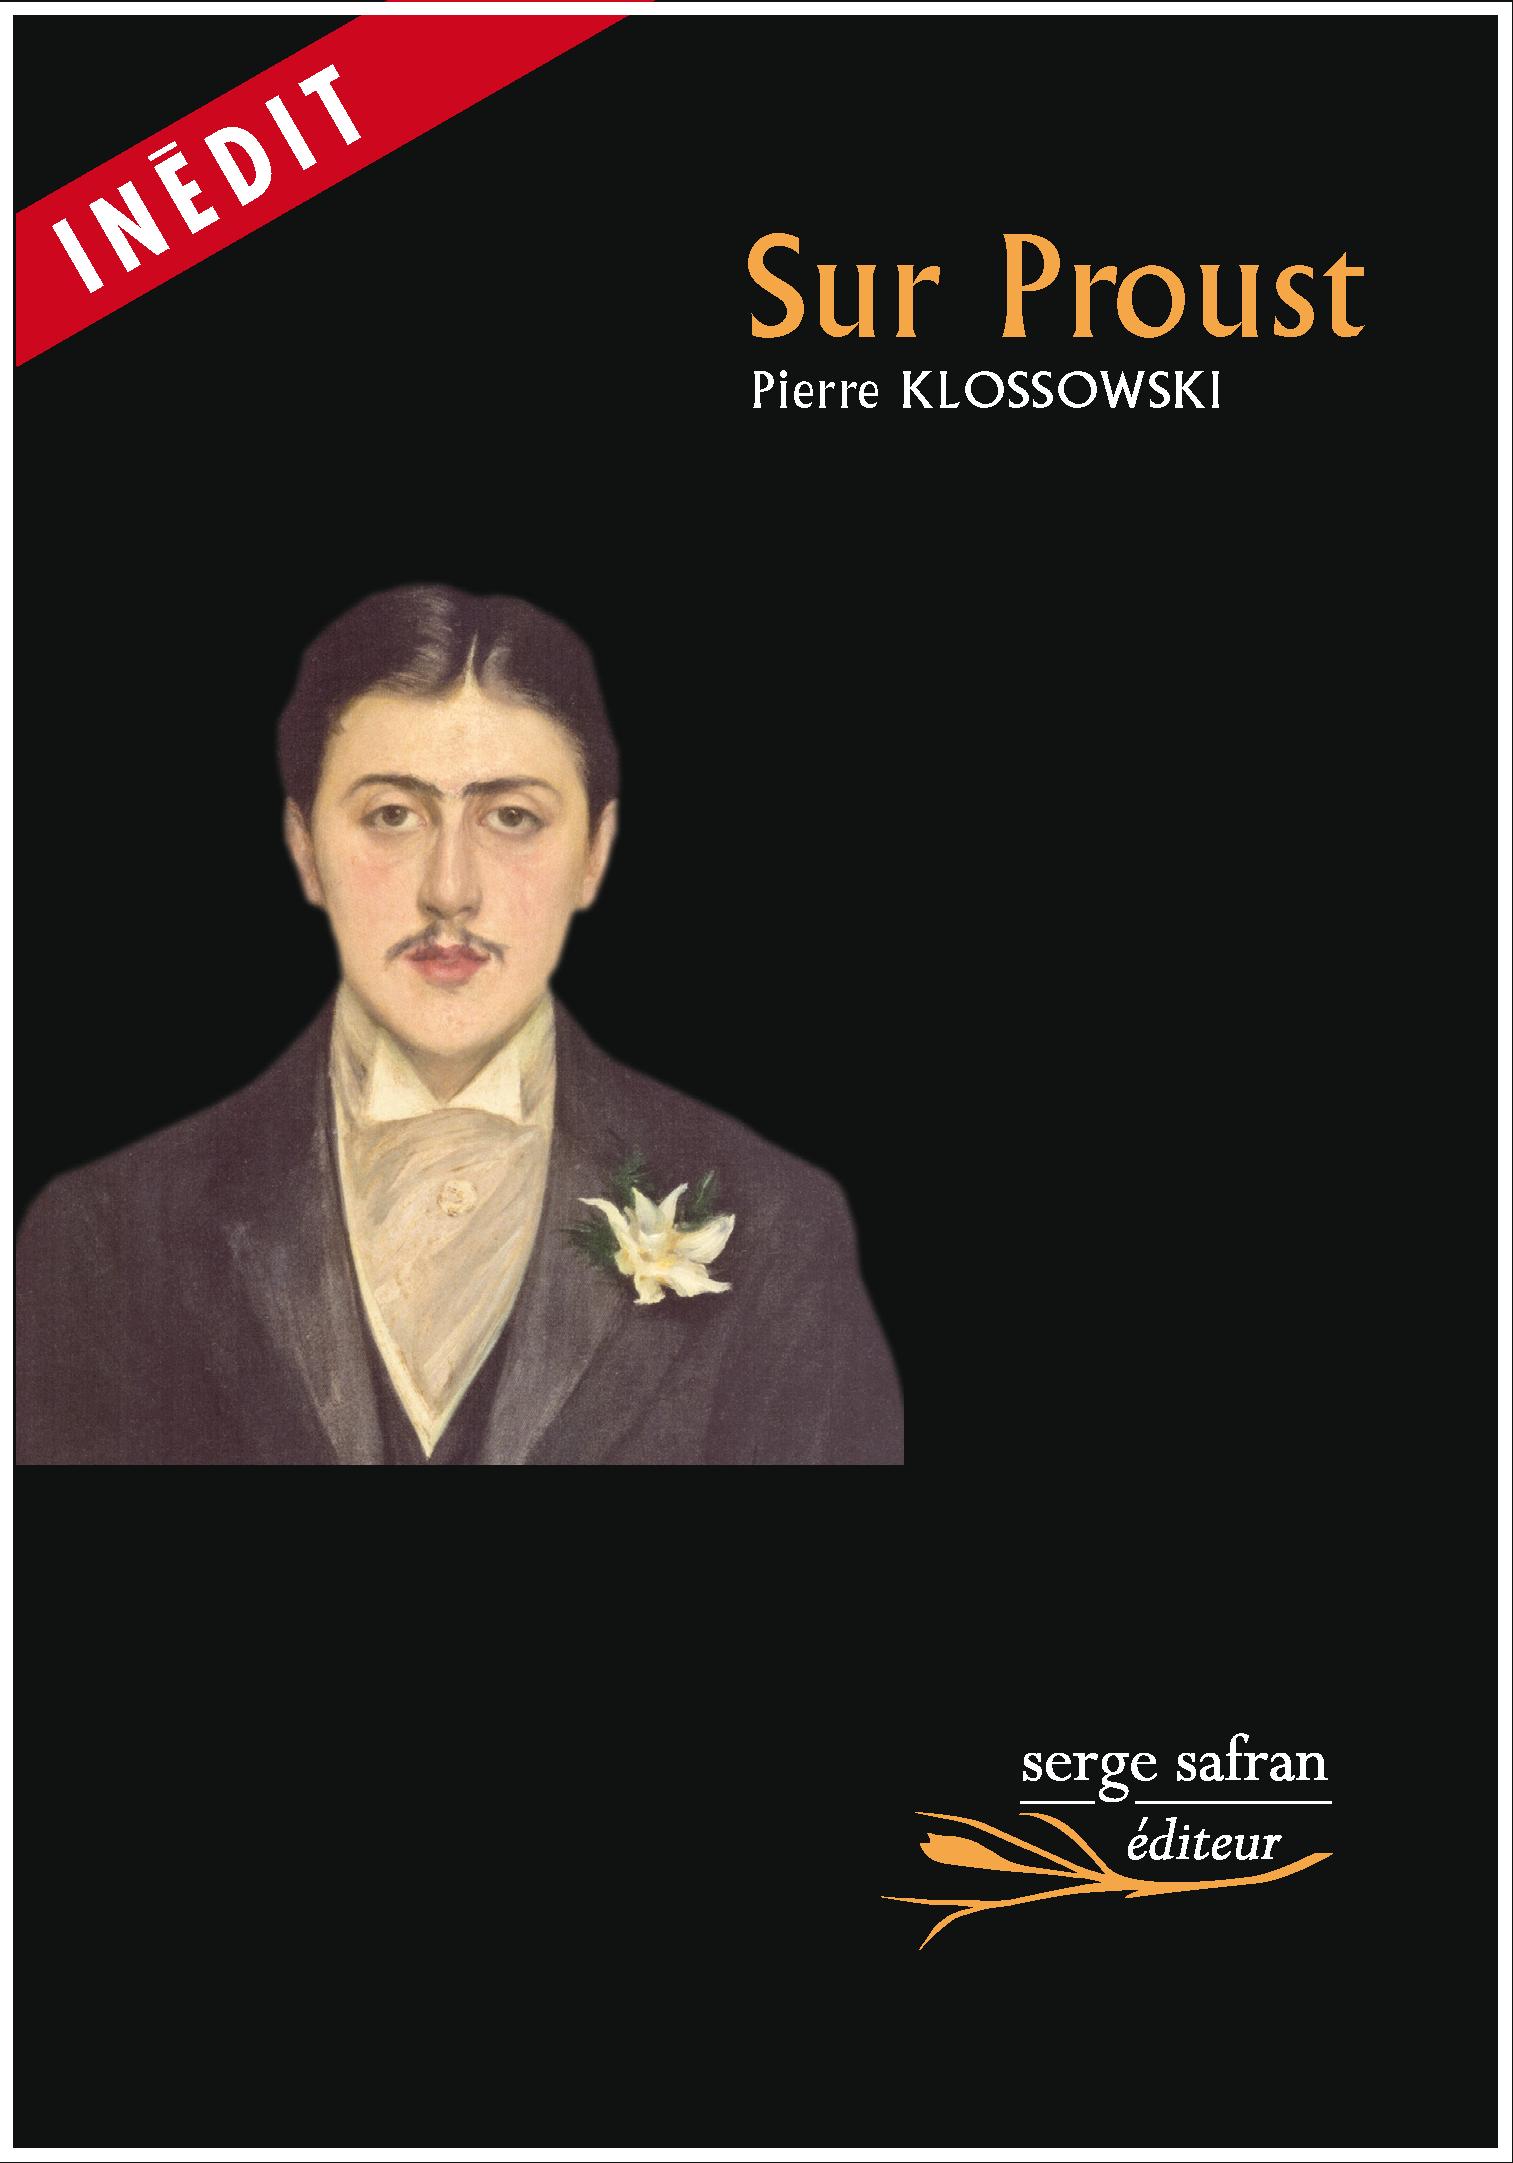 P. Klossowski, Sur Proust (inédit)